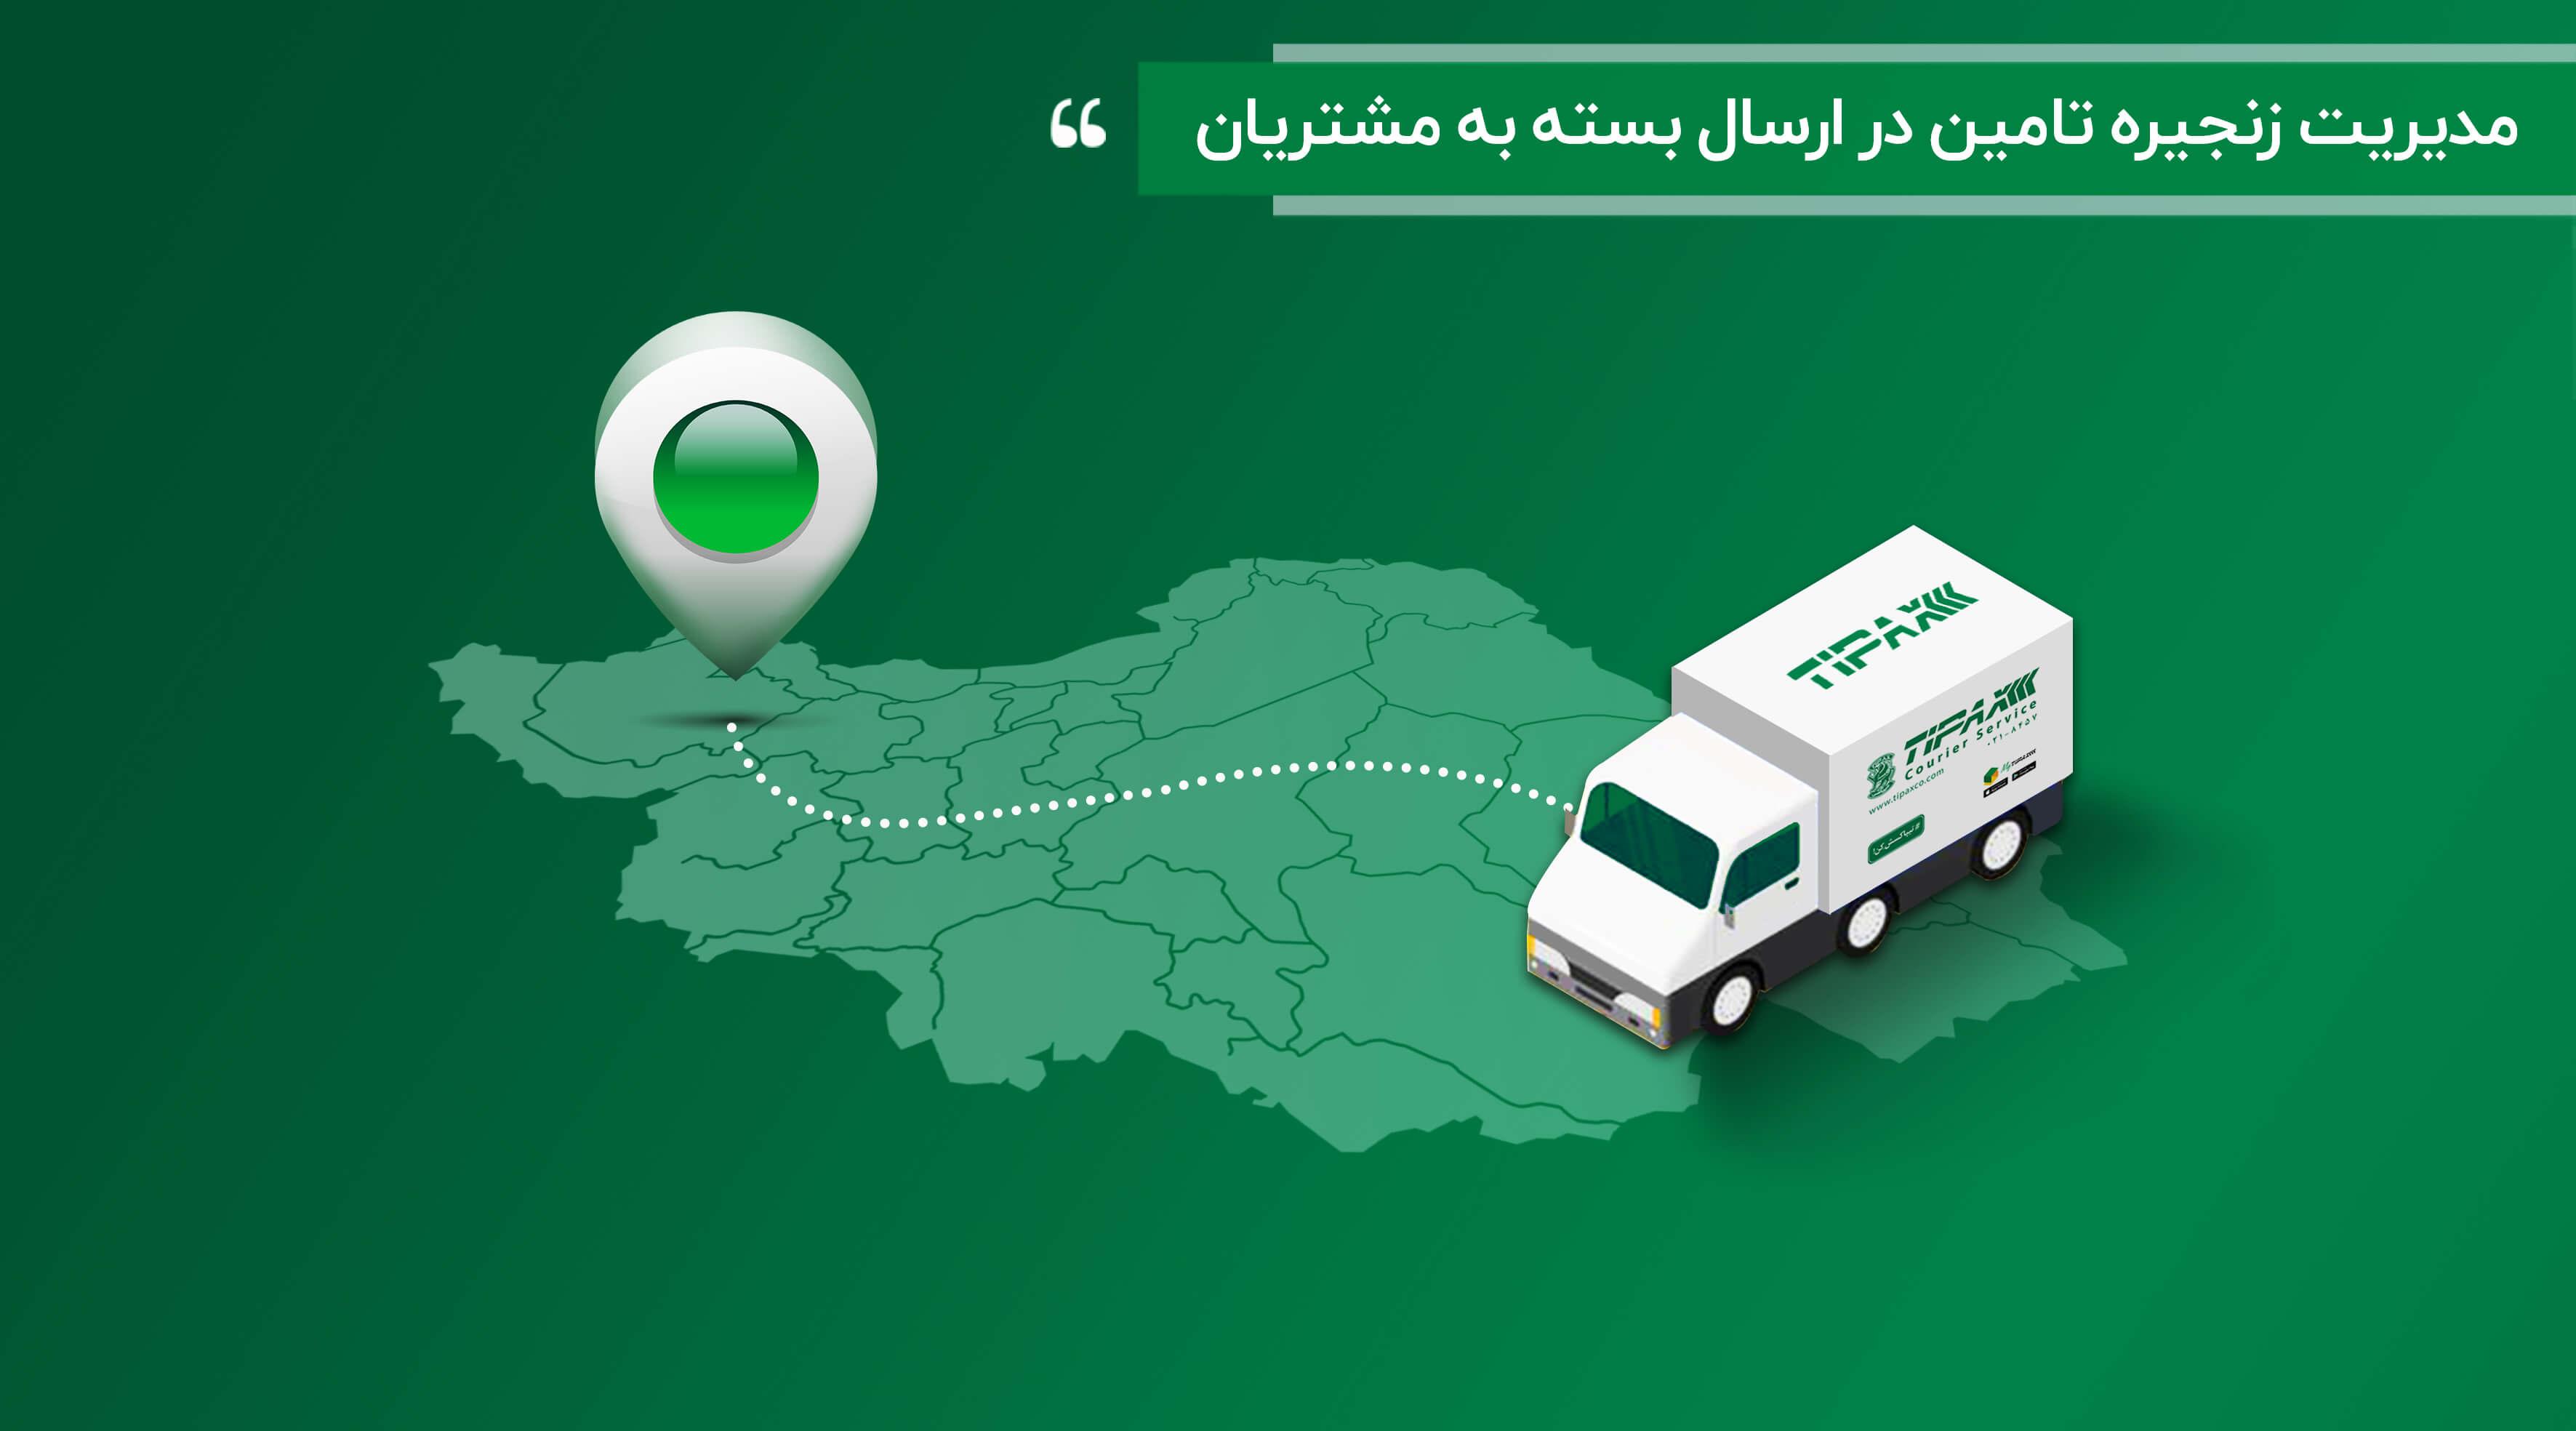 لجستیک و حملونقل-مدیریت زنجیره تامین در ارسال بستههای مشتریان